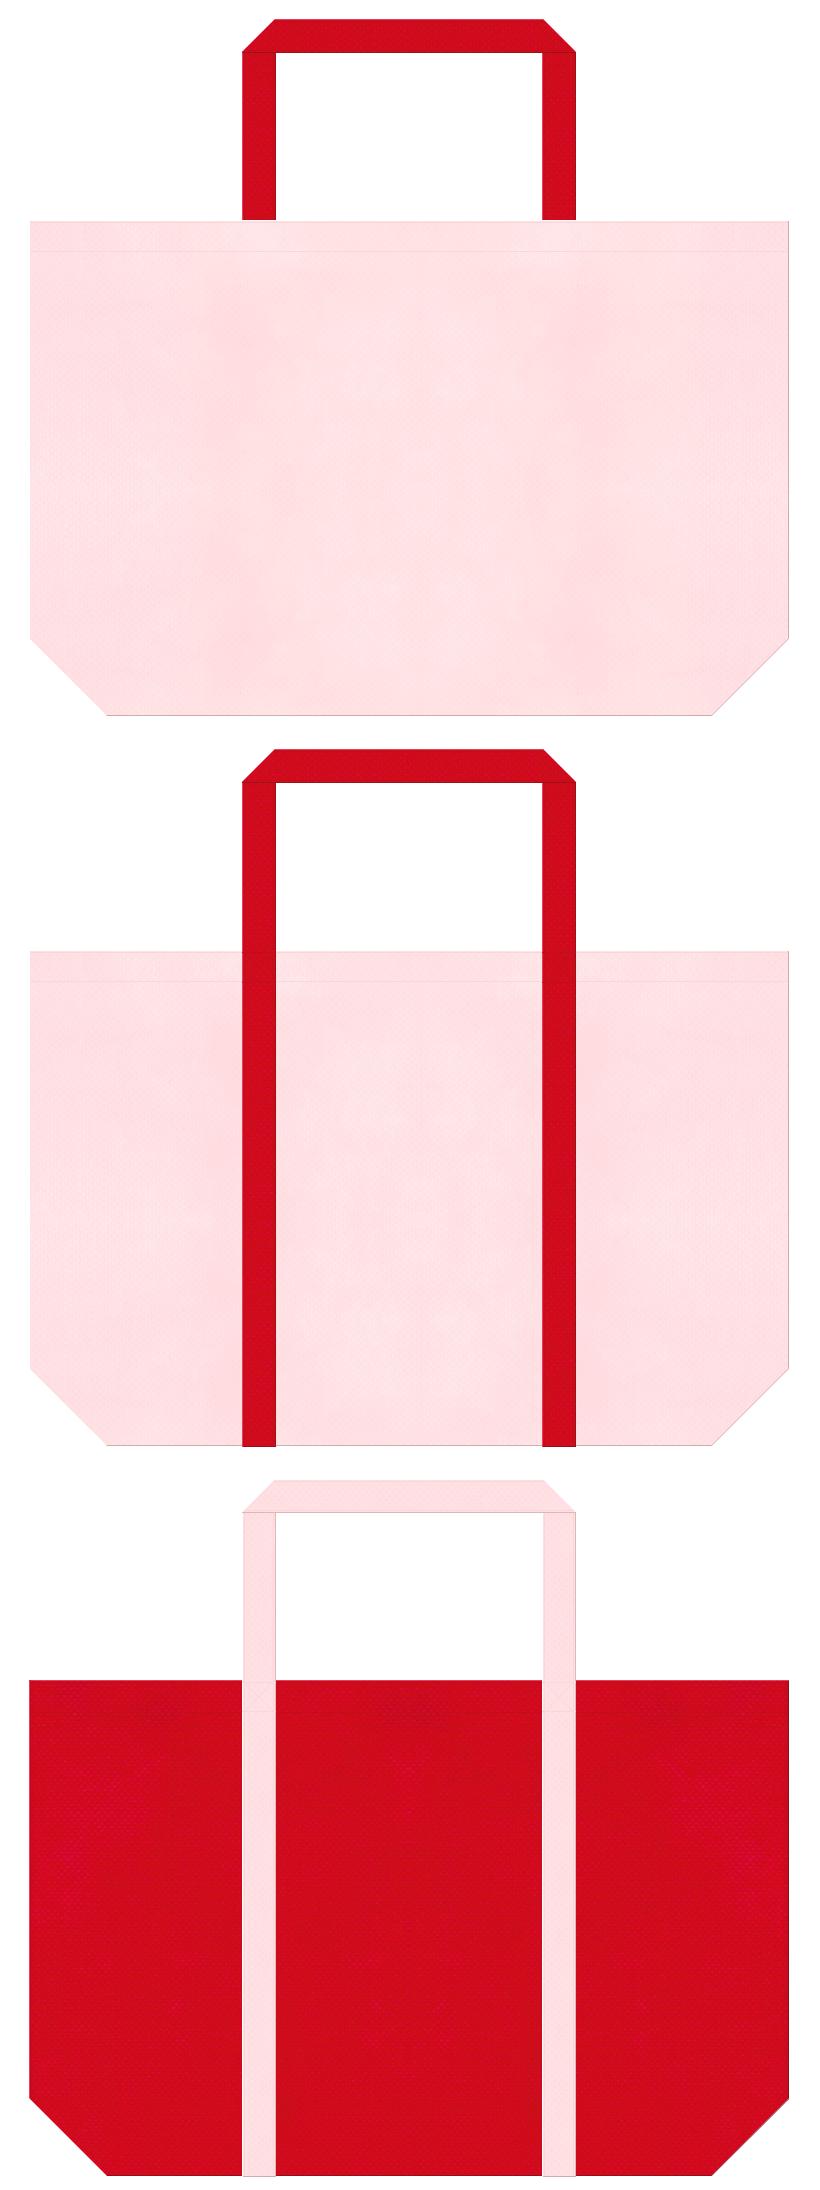 いちご大福・ケーキ・バレンタイン・ひな祭り・カーネーション・ハート・母の日・お正月・和風催事にお奨めの不織布バッグデザイン:桜色と紅色のコーデ